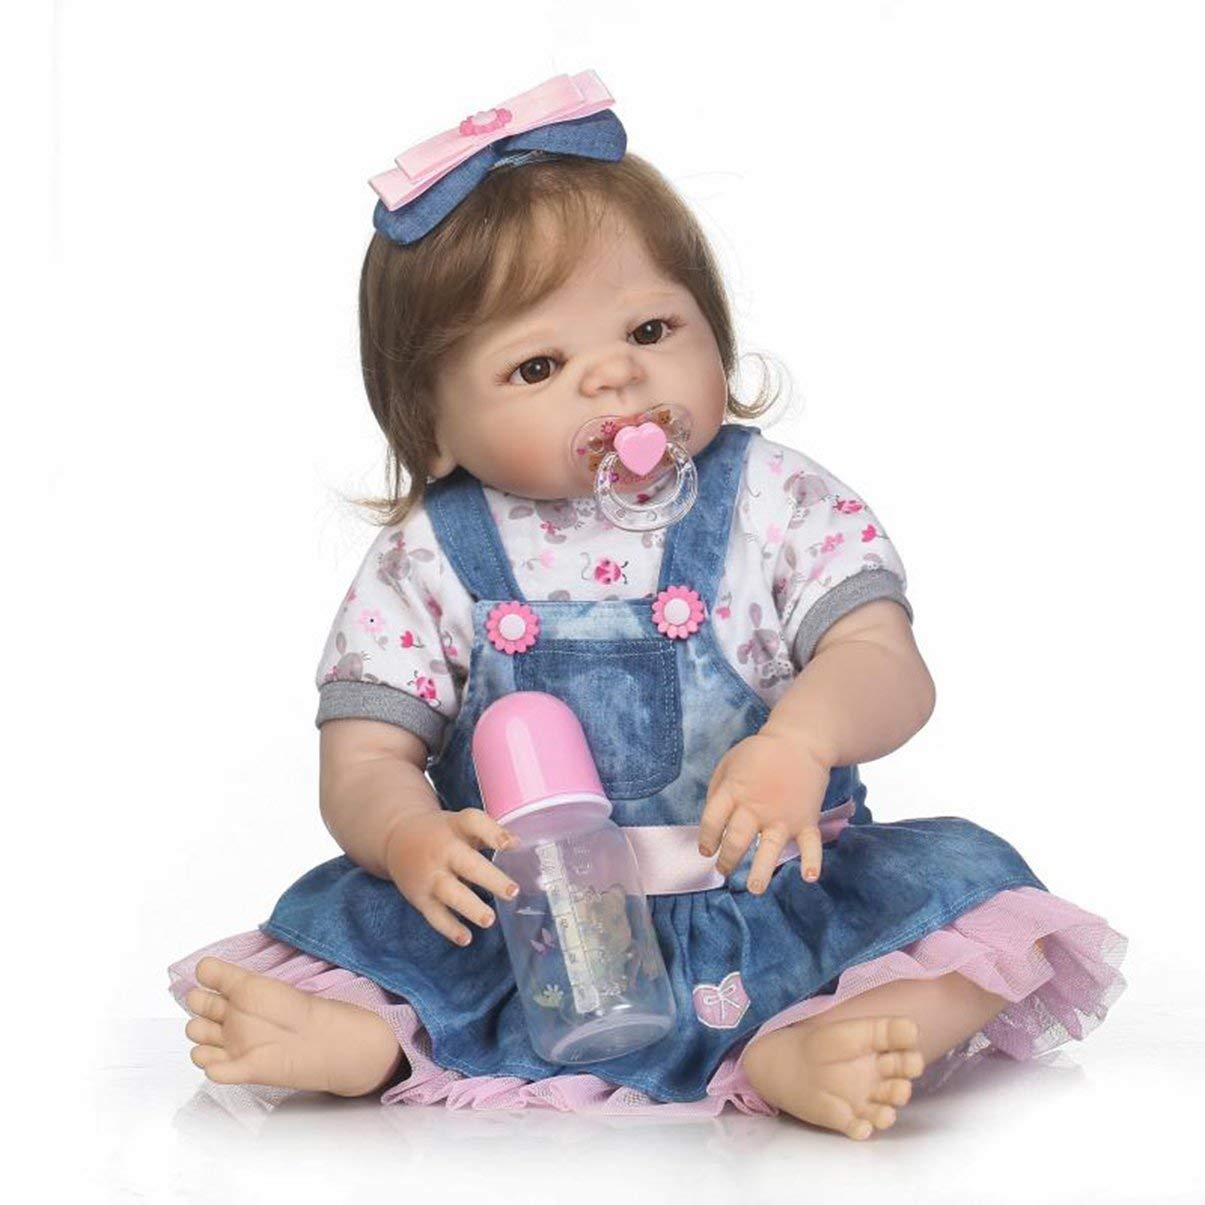 JullyeleESgant 56 cm de Cuerpo Completo de Vinilo de Silicona Suave muñeco de bebé Juguetes no tóxicos Hechos a Mano Adorable Realista niño recién Nacido de la muñeca del bebé Juguetes